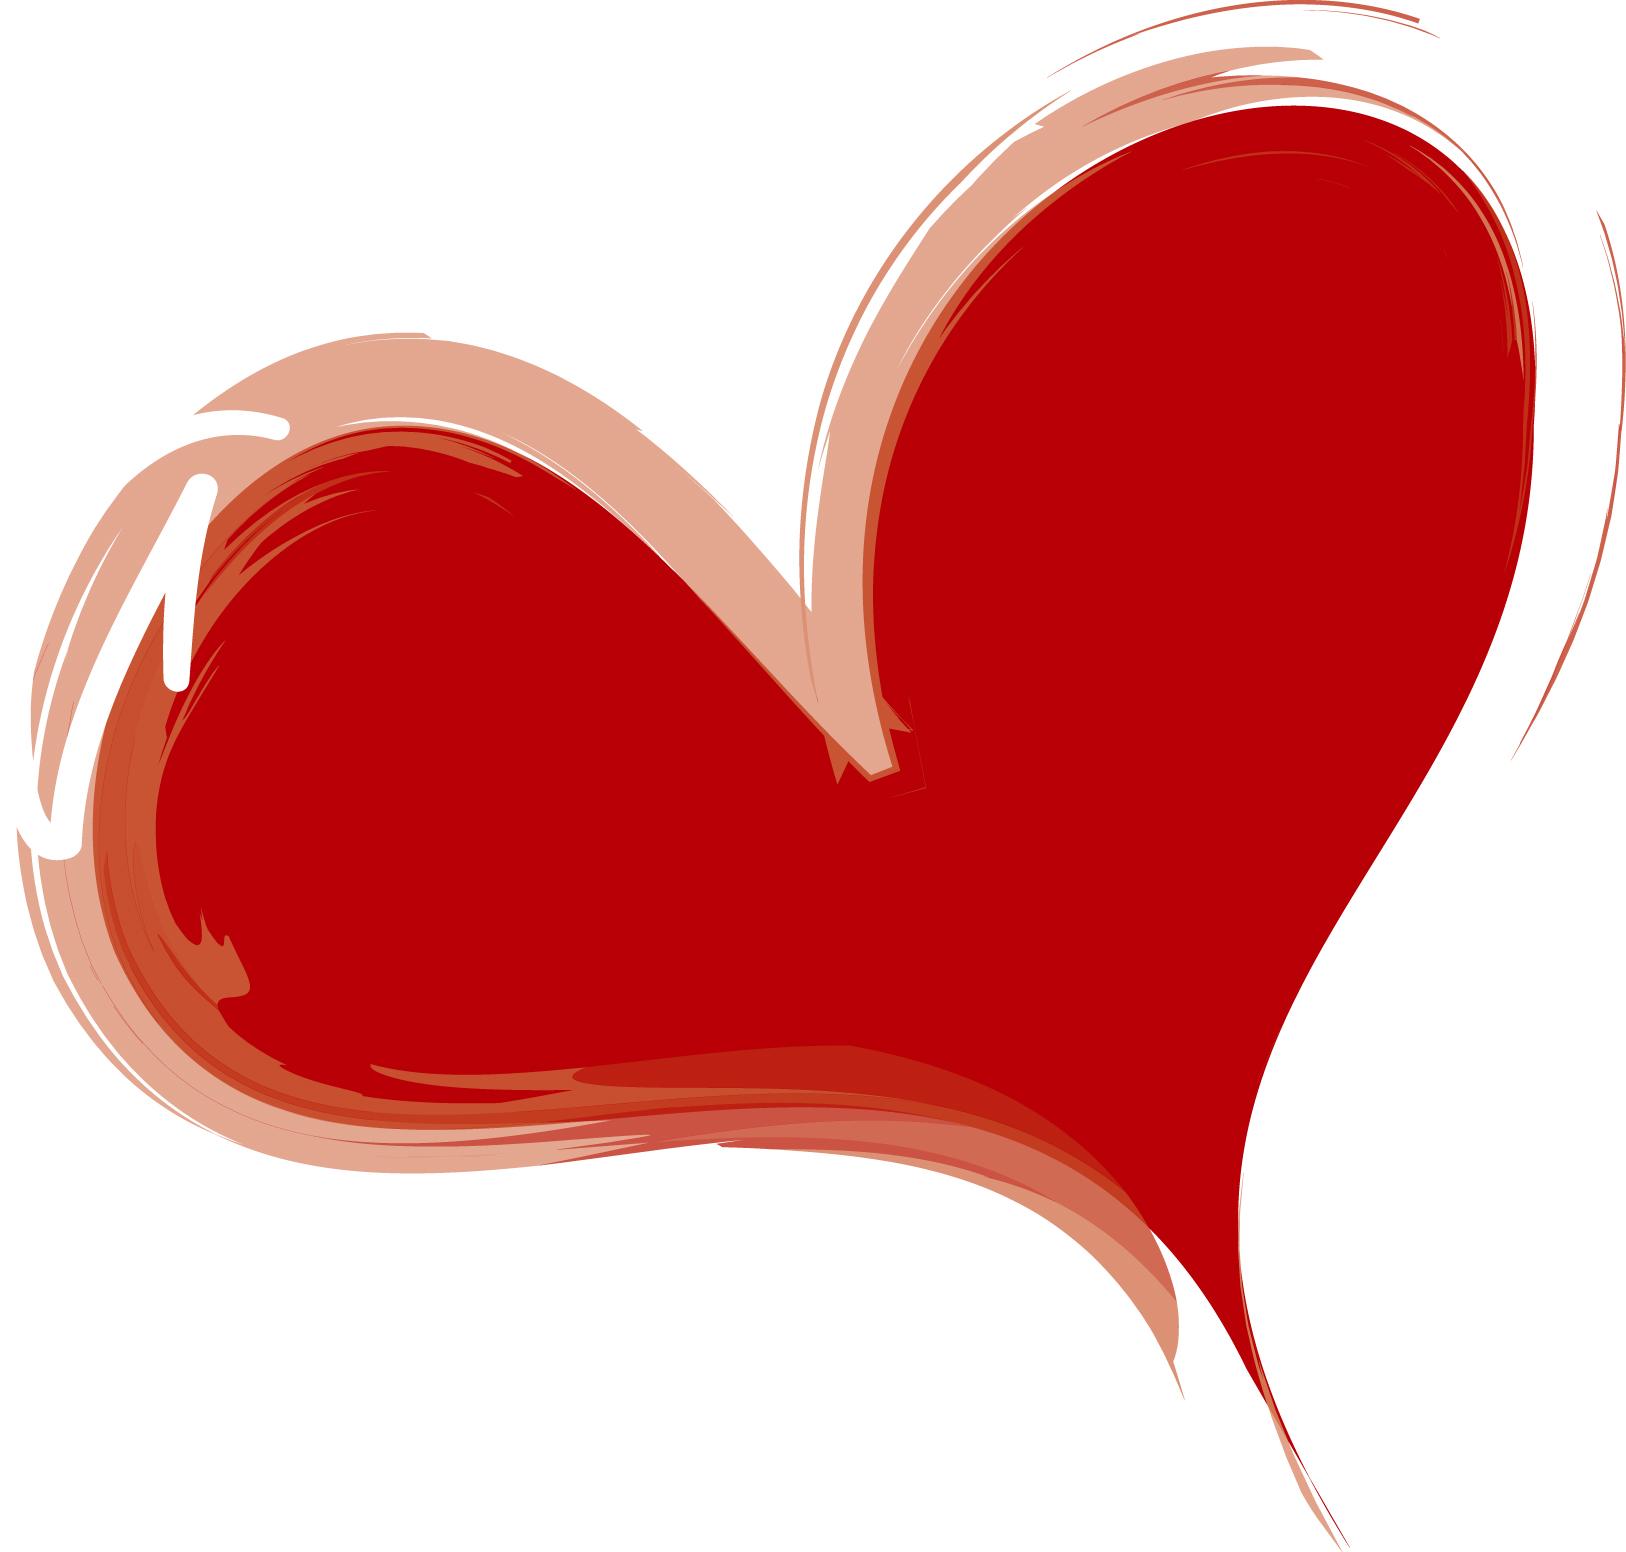 バレンタイン・真っ赤なハート ... : 名前ラベル テンプレート : すべての講義